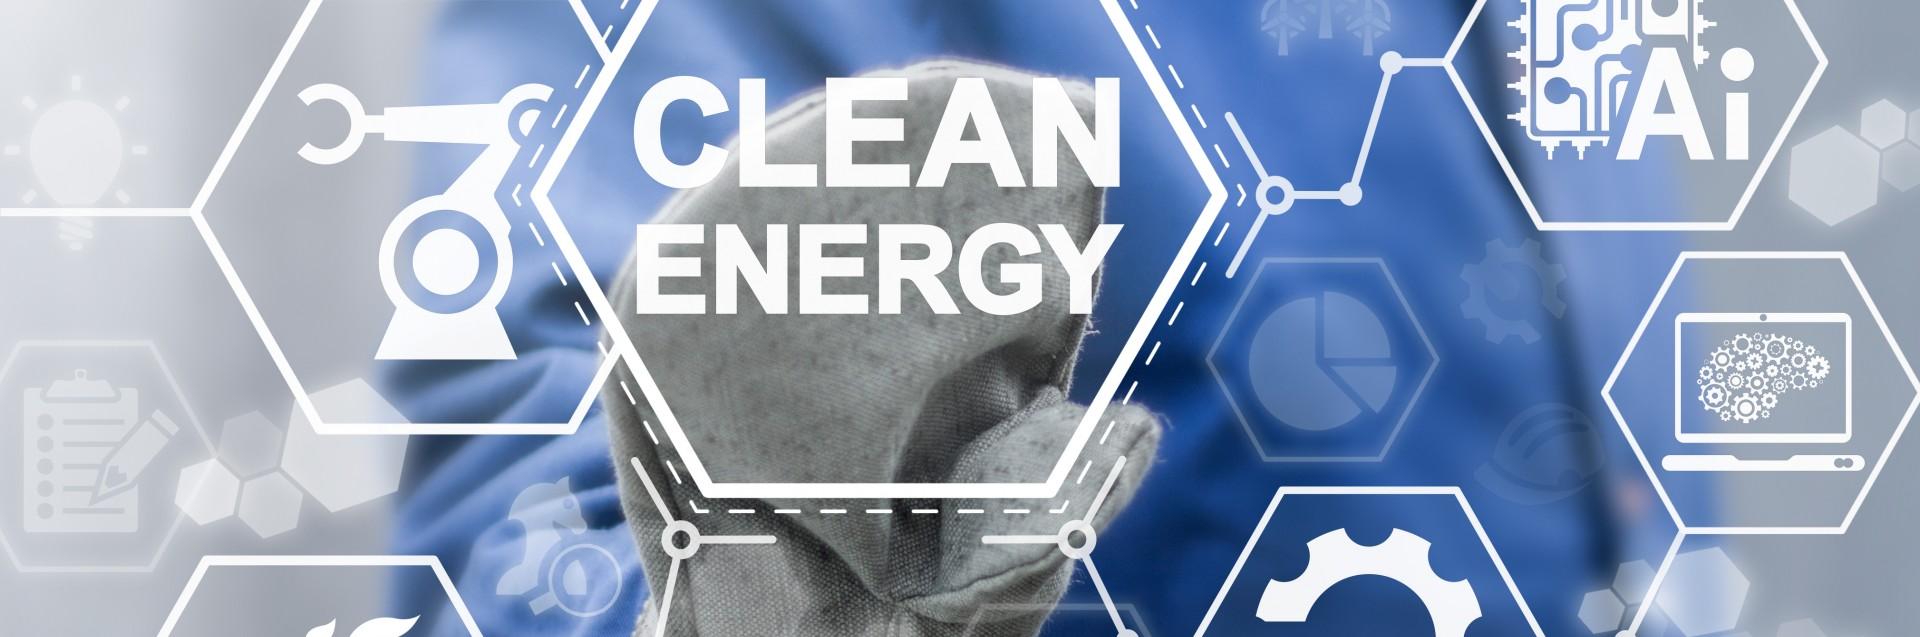 Illustrasjonsbilde: clean energy. Foto: Shutterstock